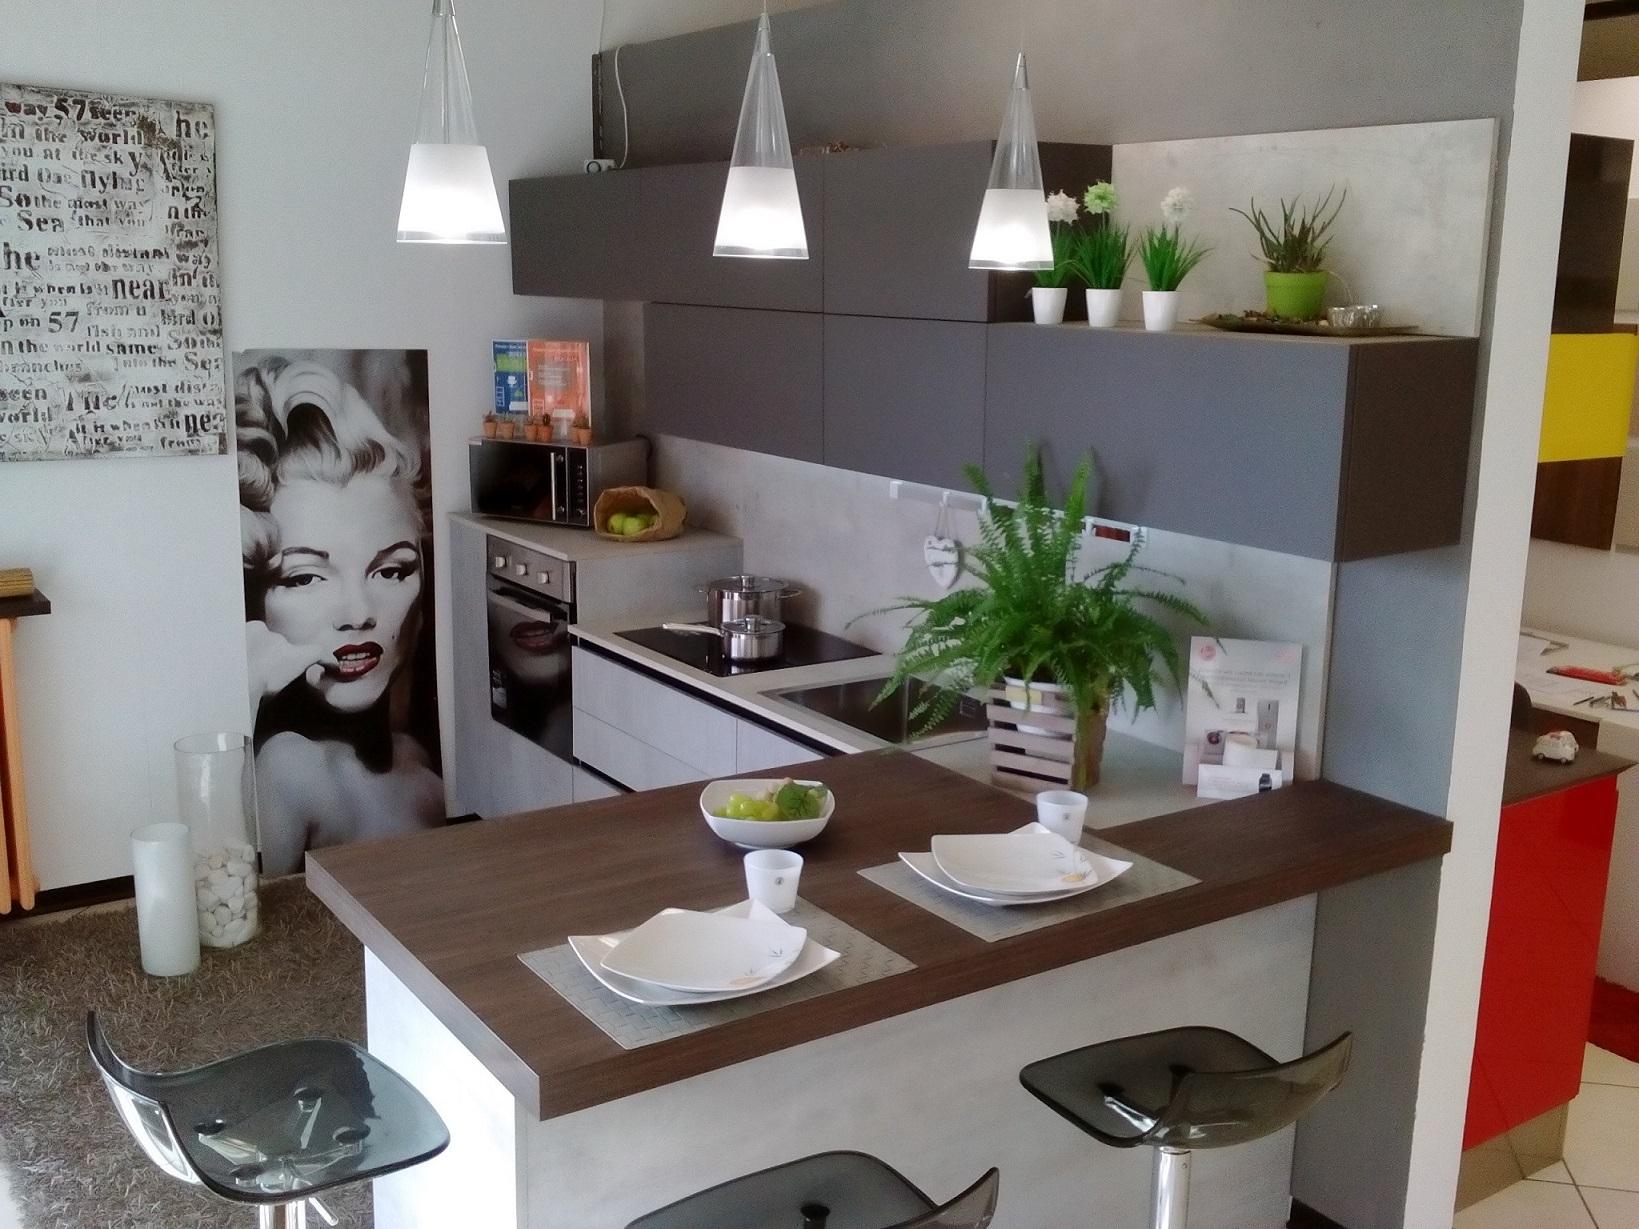 Piano Cottura Cucine Ikea : Piano cottura cucine ikea. Cucine con ...